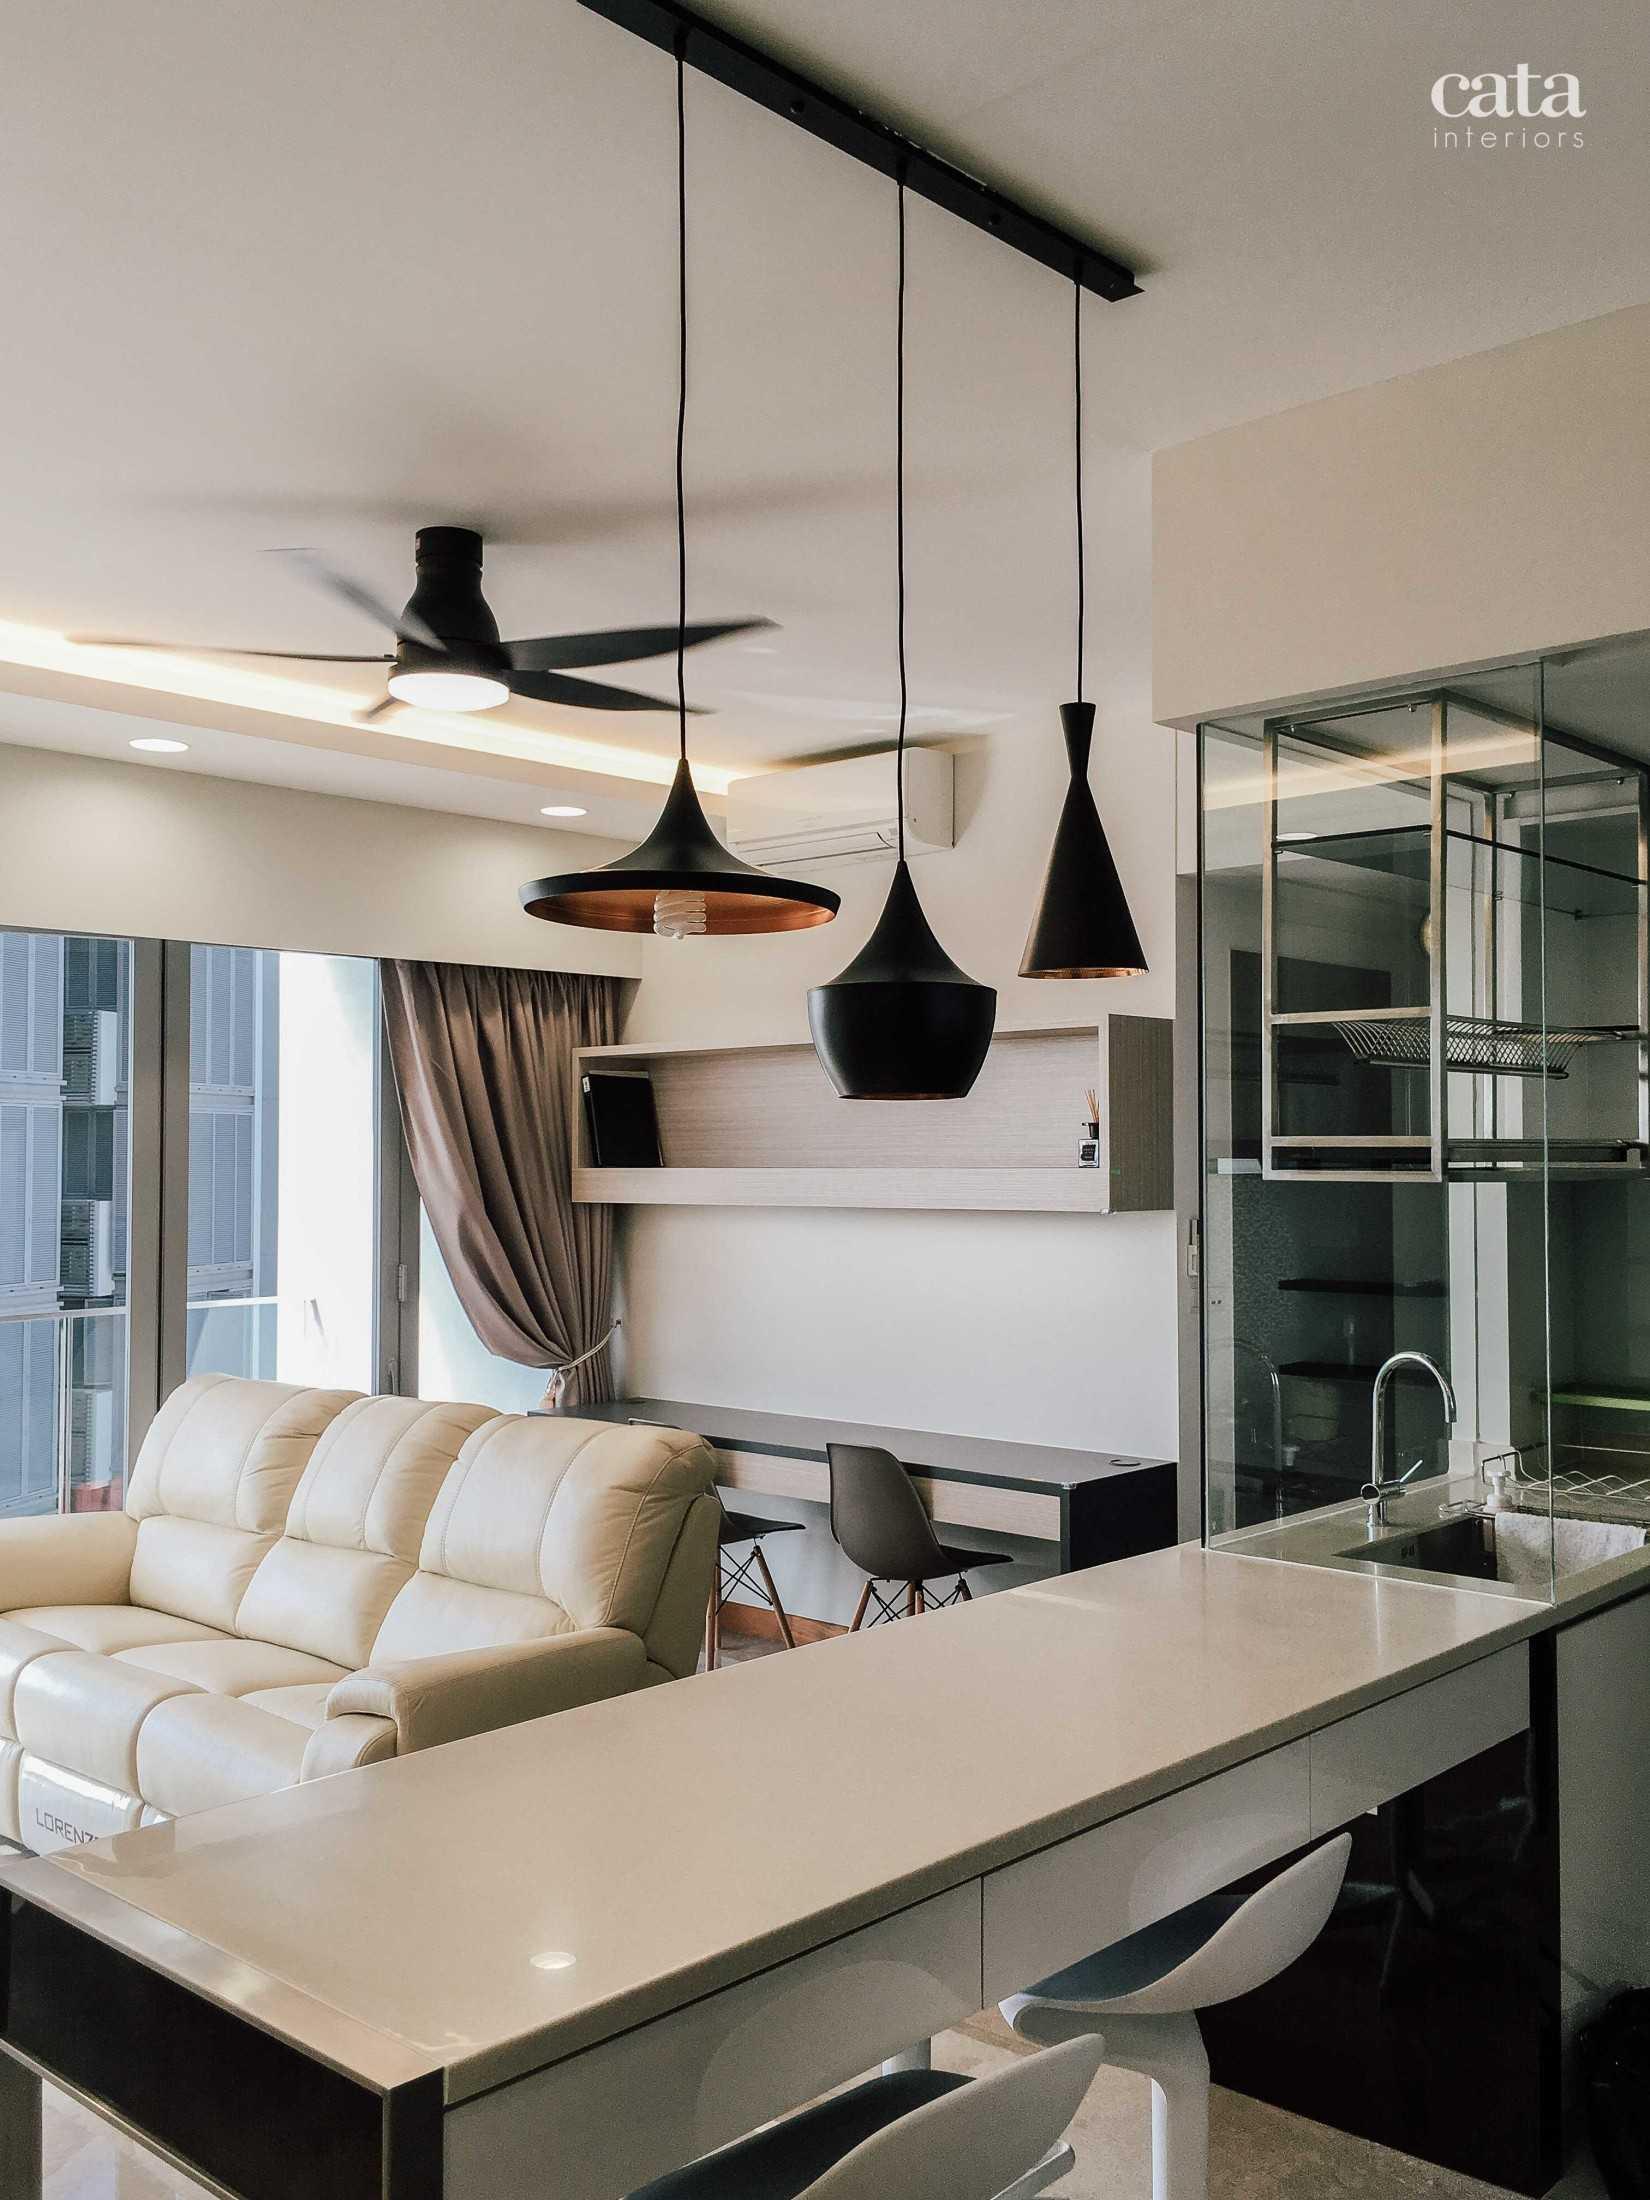 Cata Interiors Hillsta Condominium, Singapore Phoenix Rd, Singapura Phoenix Rd, Singapura Cata-Interiors-Hillsta-Condominium-Singapore  100308